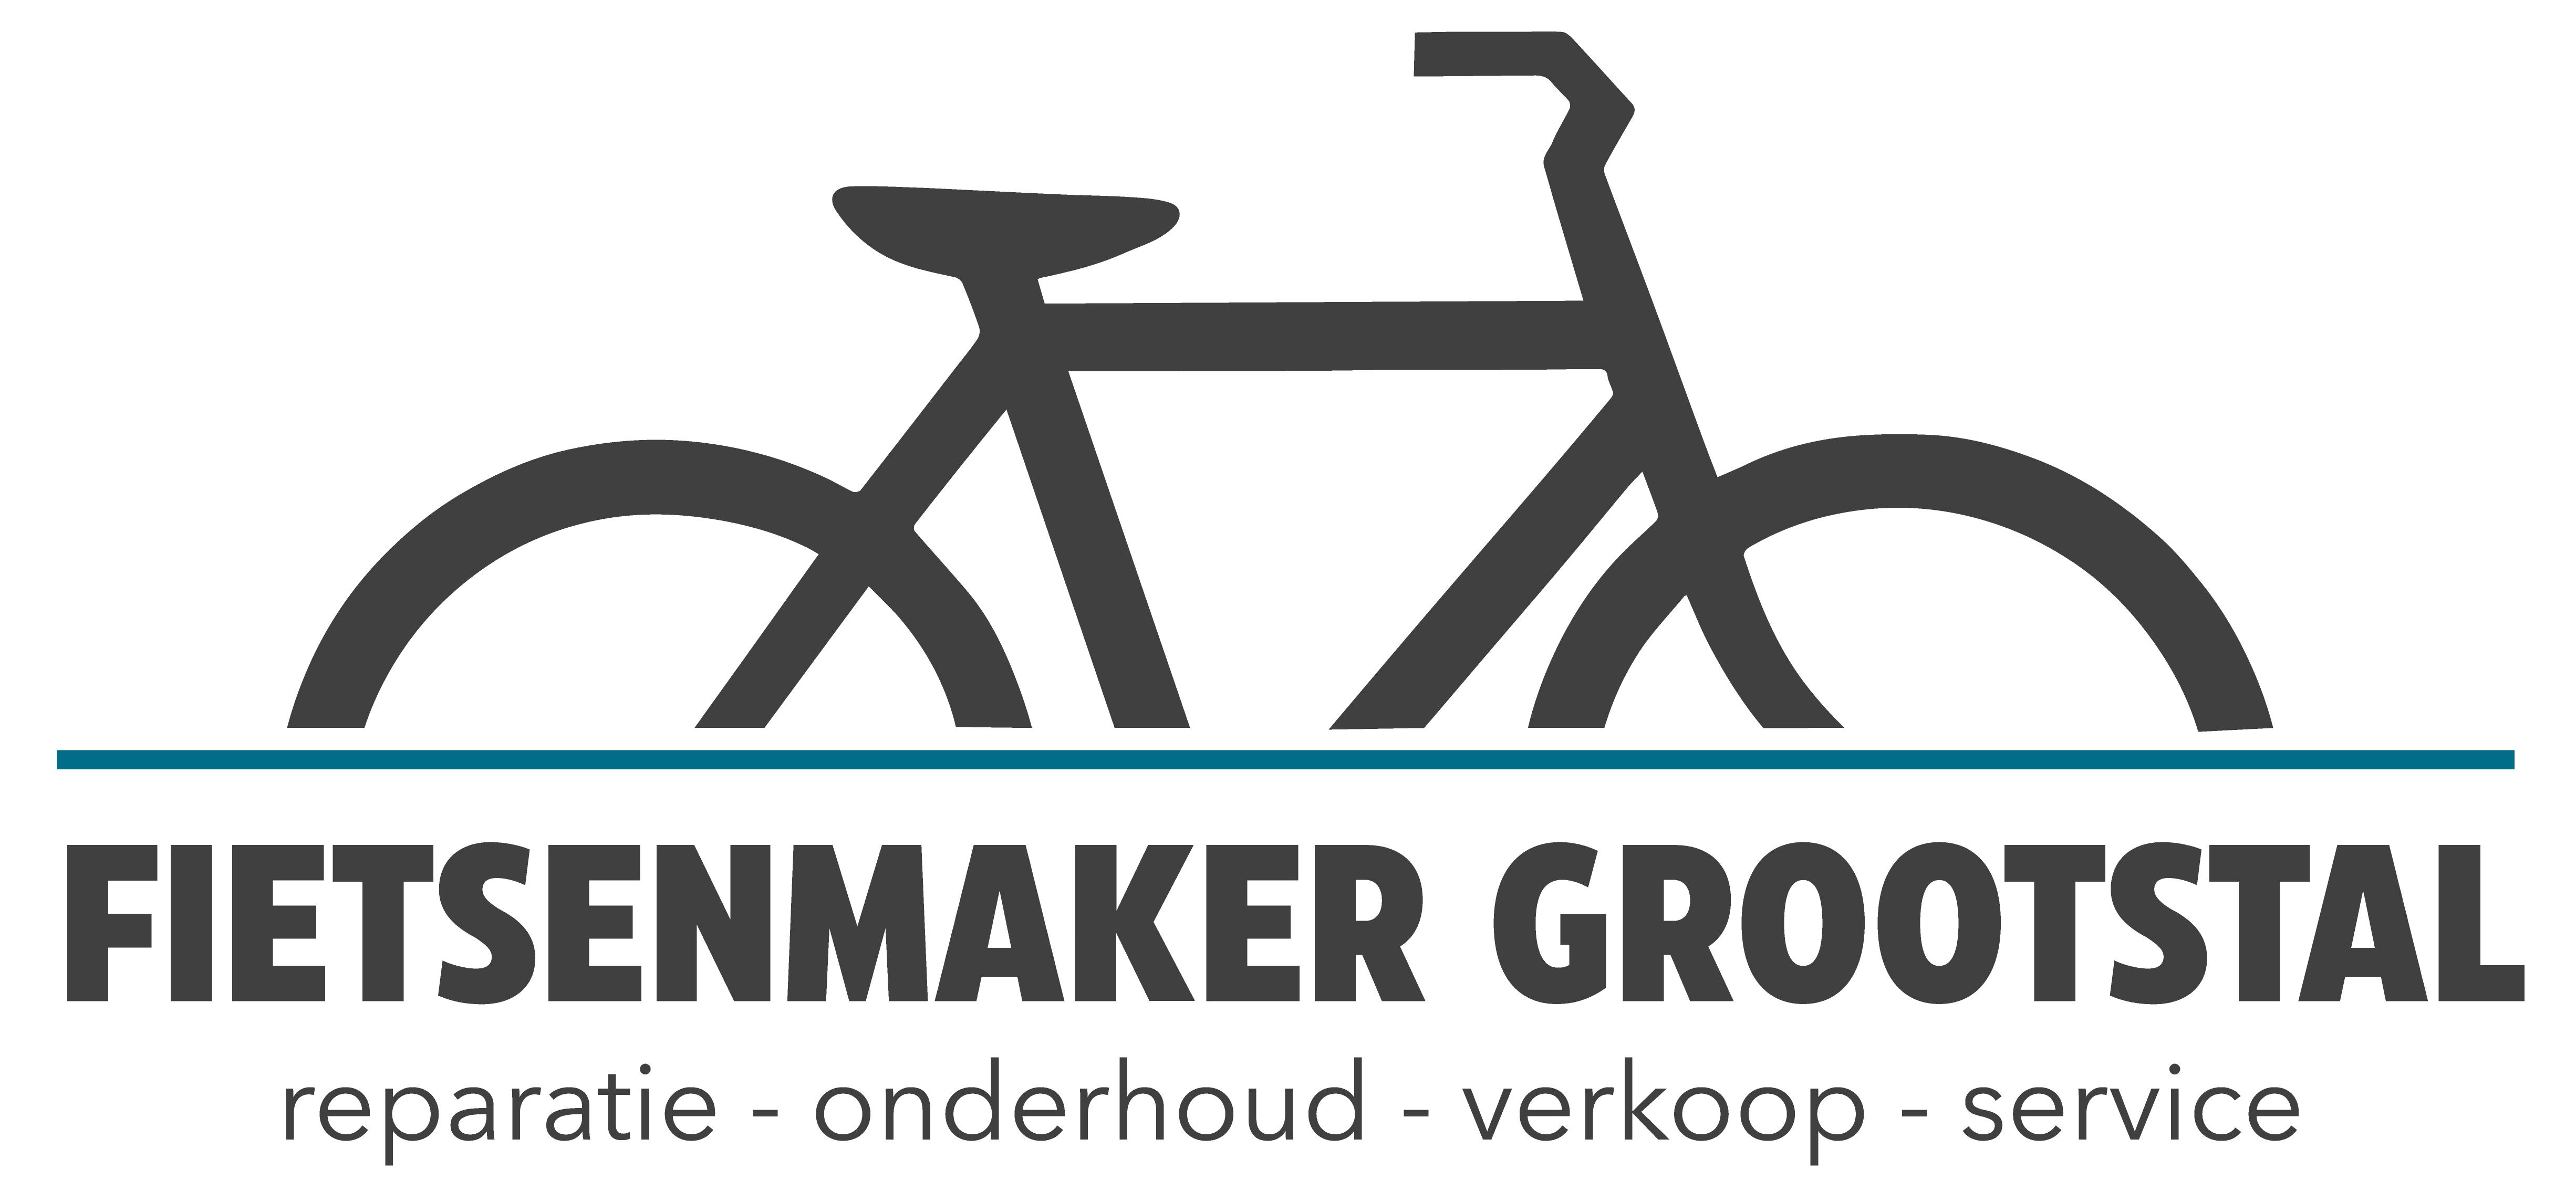 Logo FietsenmakerGrootstal